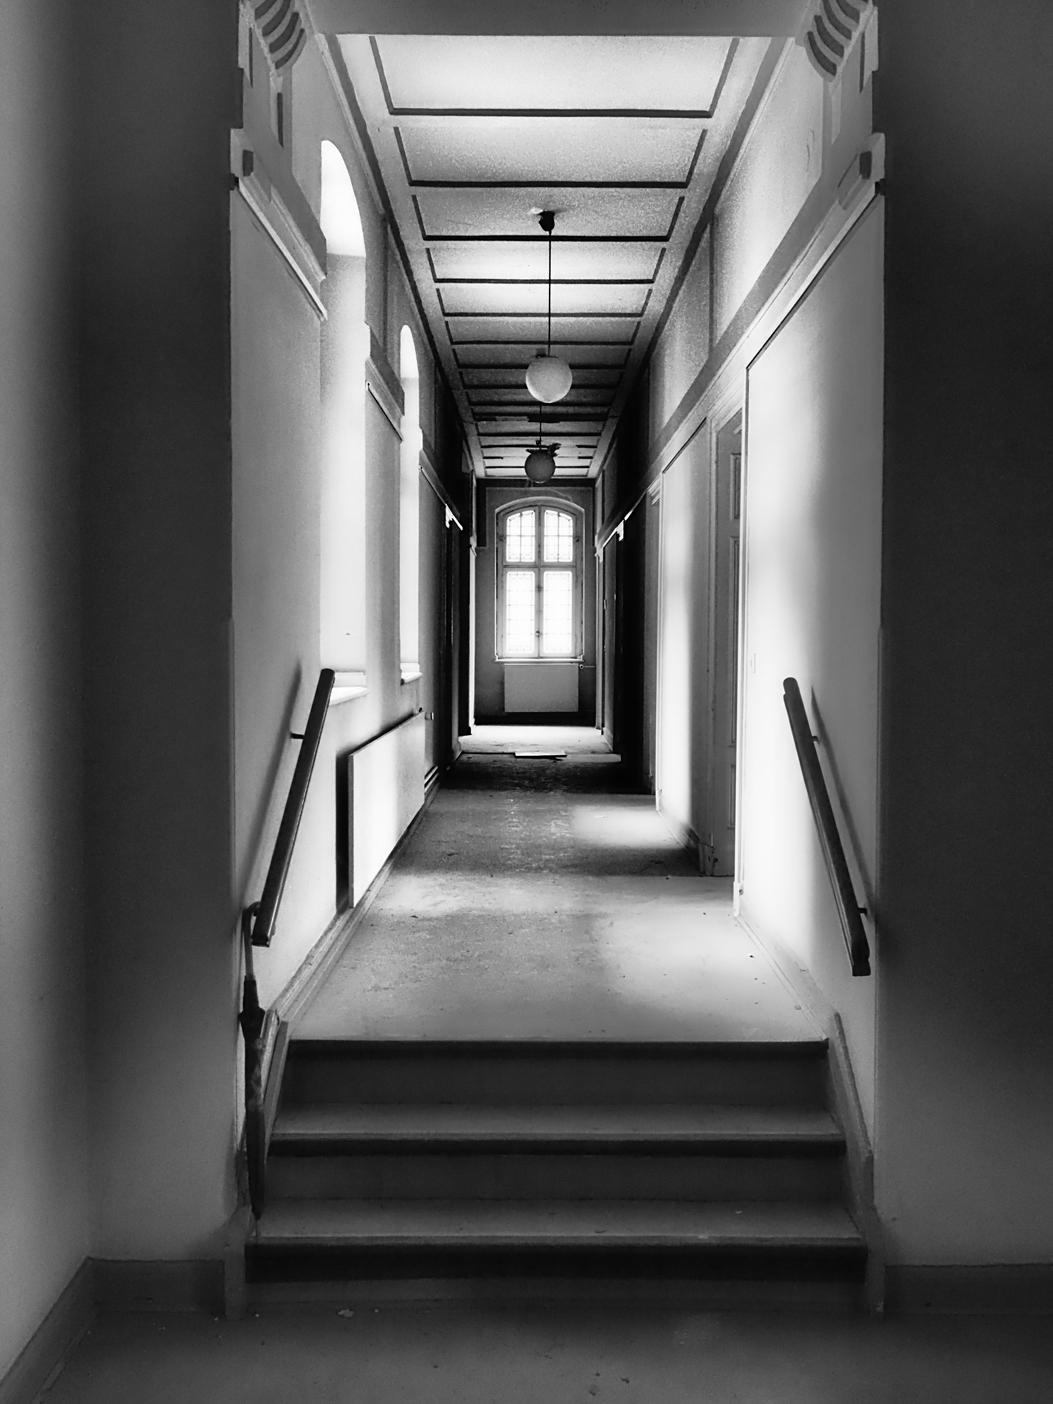 © Lichtrauter